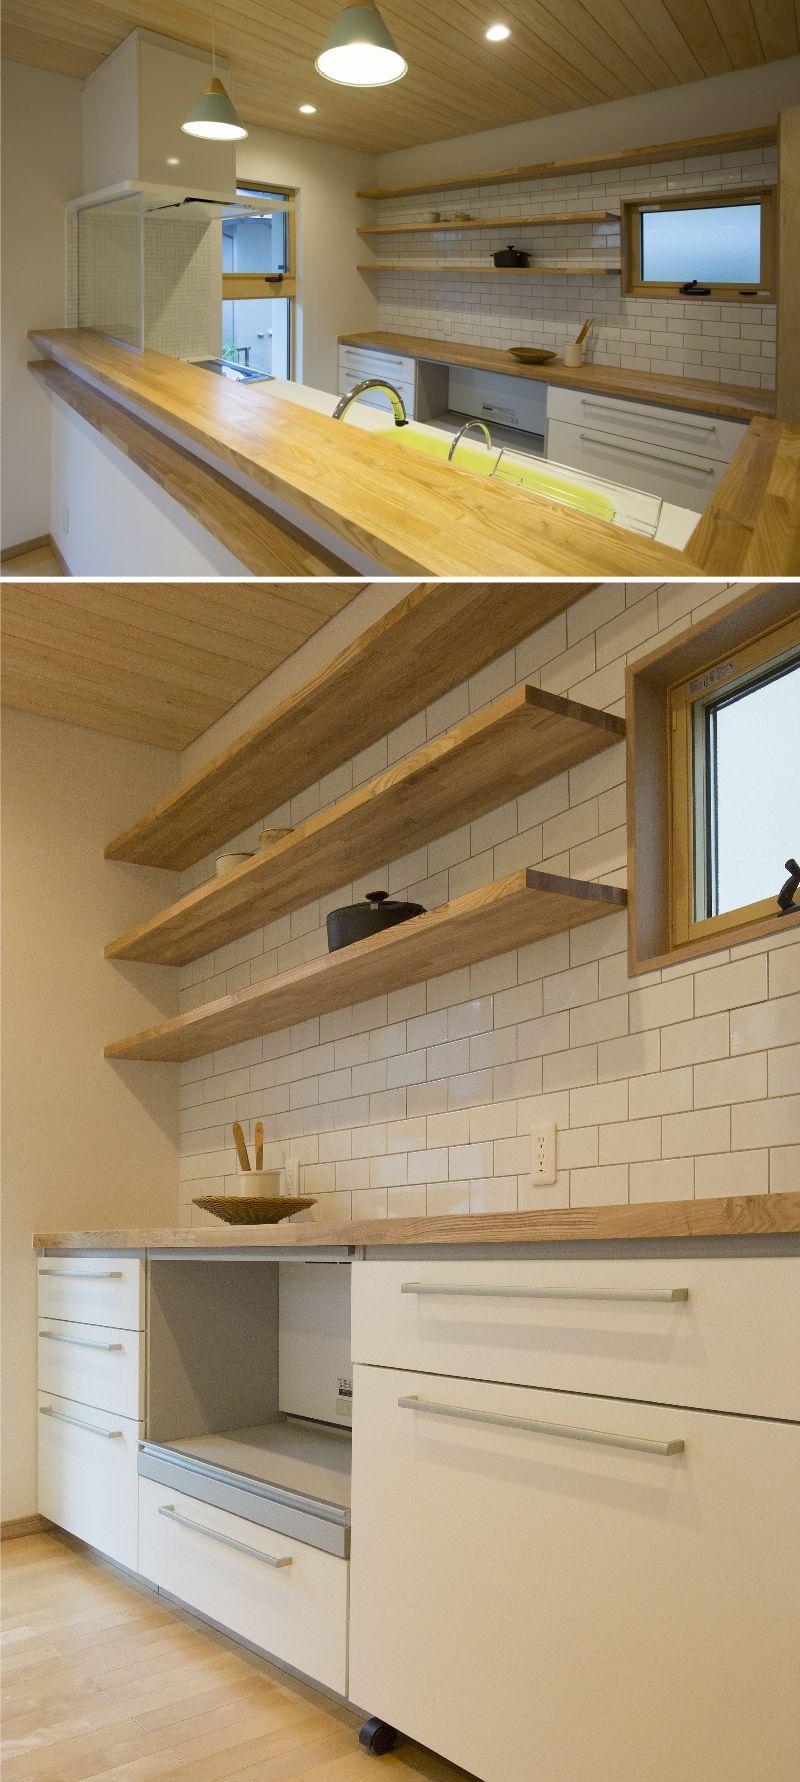 キッチンはタイルと木製カウンターでナチュラル感を キッチン